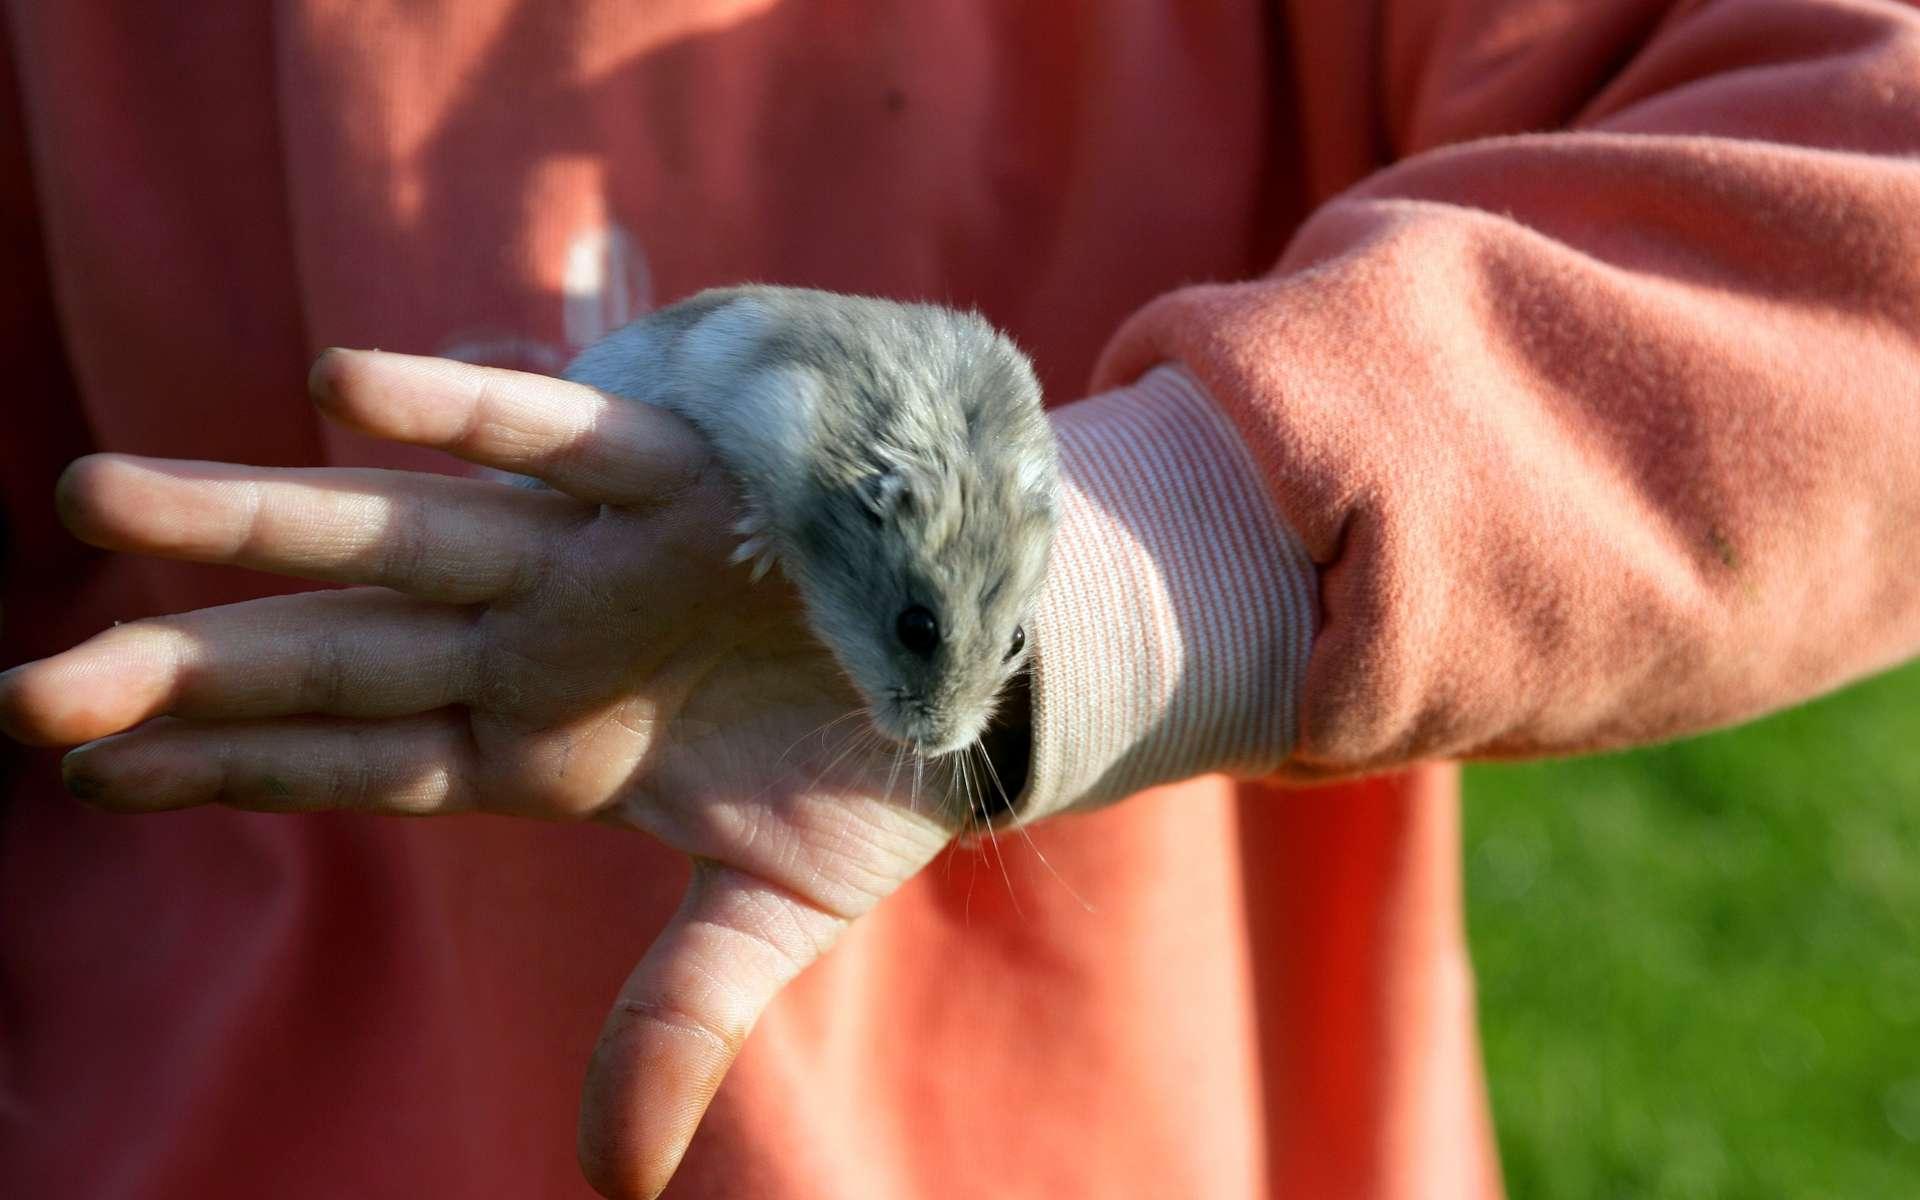 La gale animale peut être transmise à l'Homme par le cobaye ou encore le hamster. © Phovoir